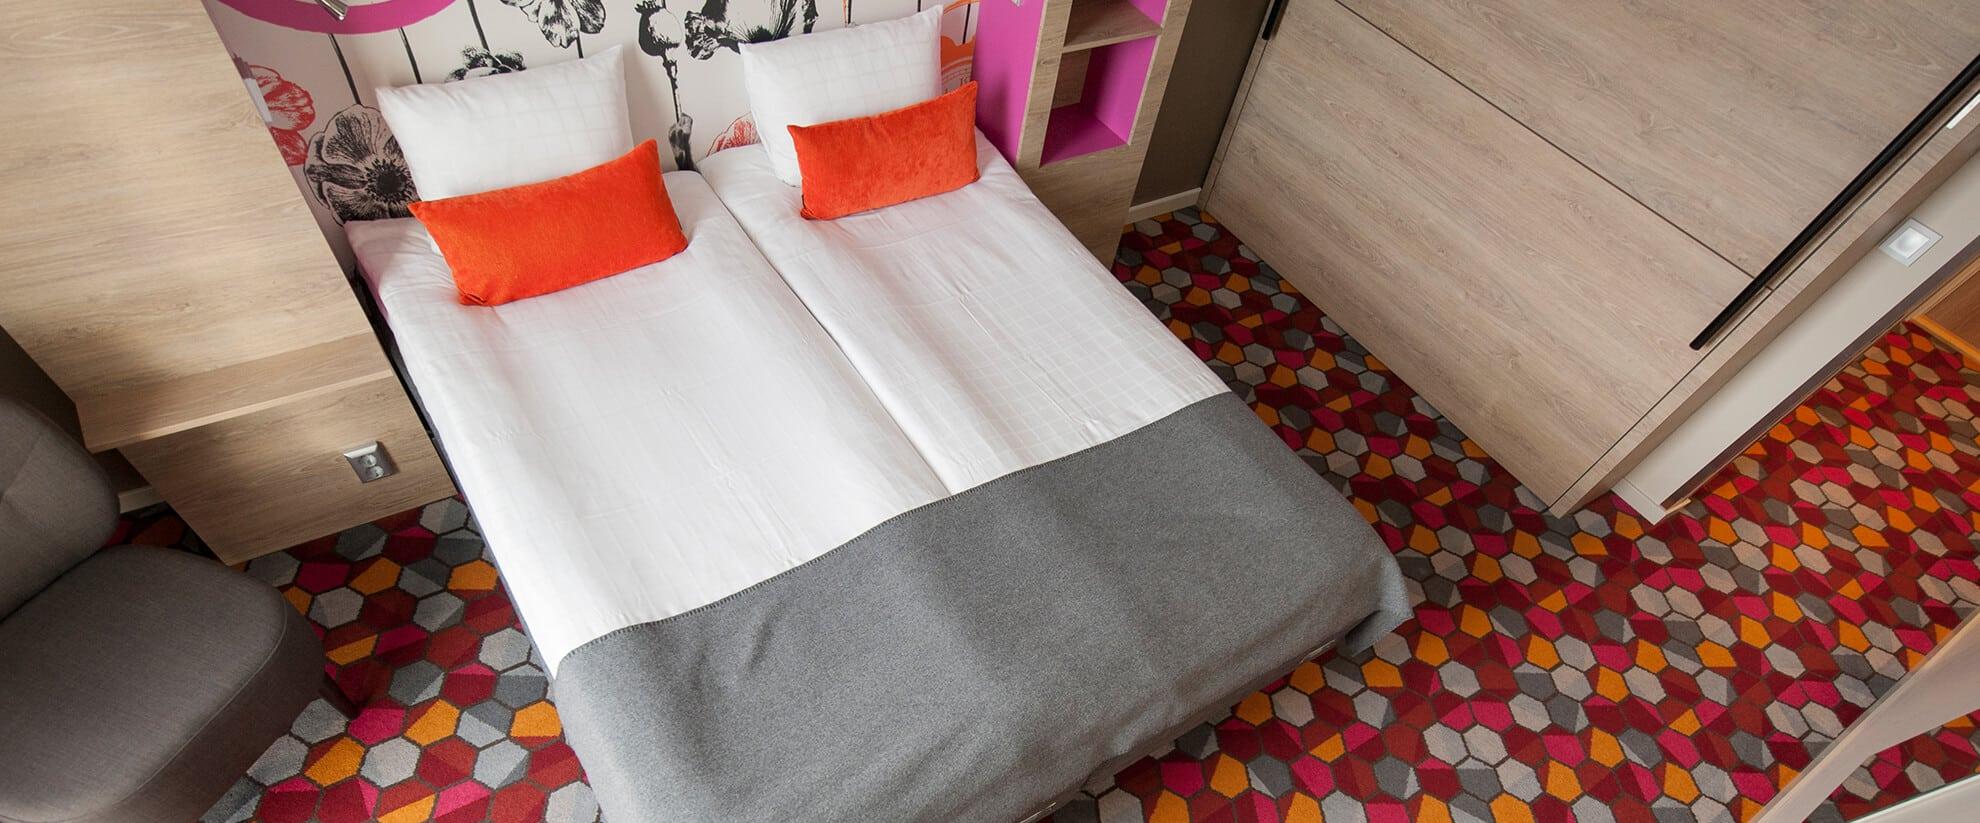 Dansk Wilton carpet solutions for Motel L in Stockholm